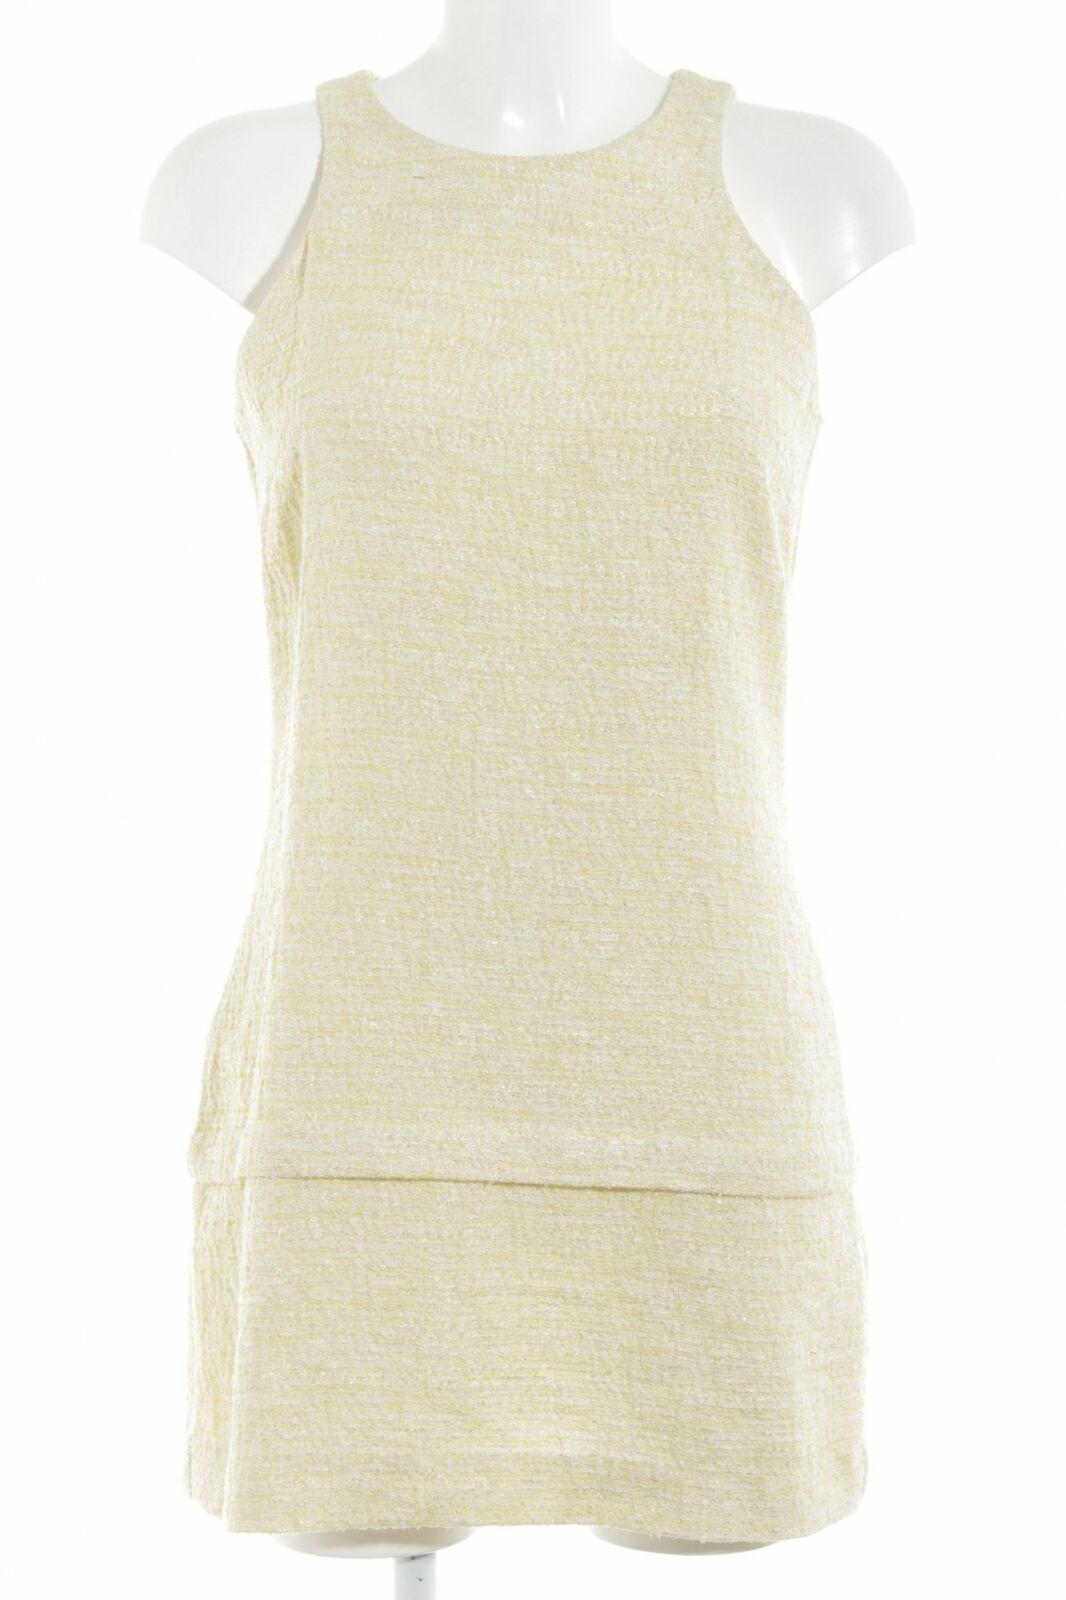 Abend Ausgezeichnet Abendkleid Zara Stylish10 Erstaunlich Abendkleid Zara Ärmel